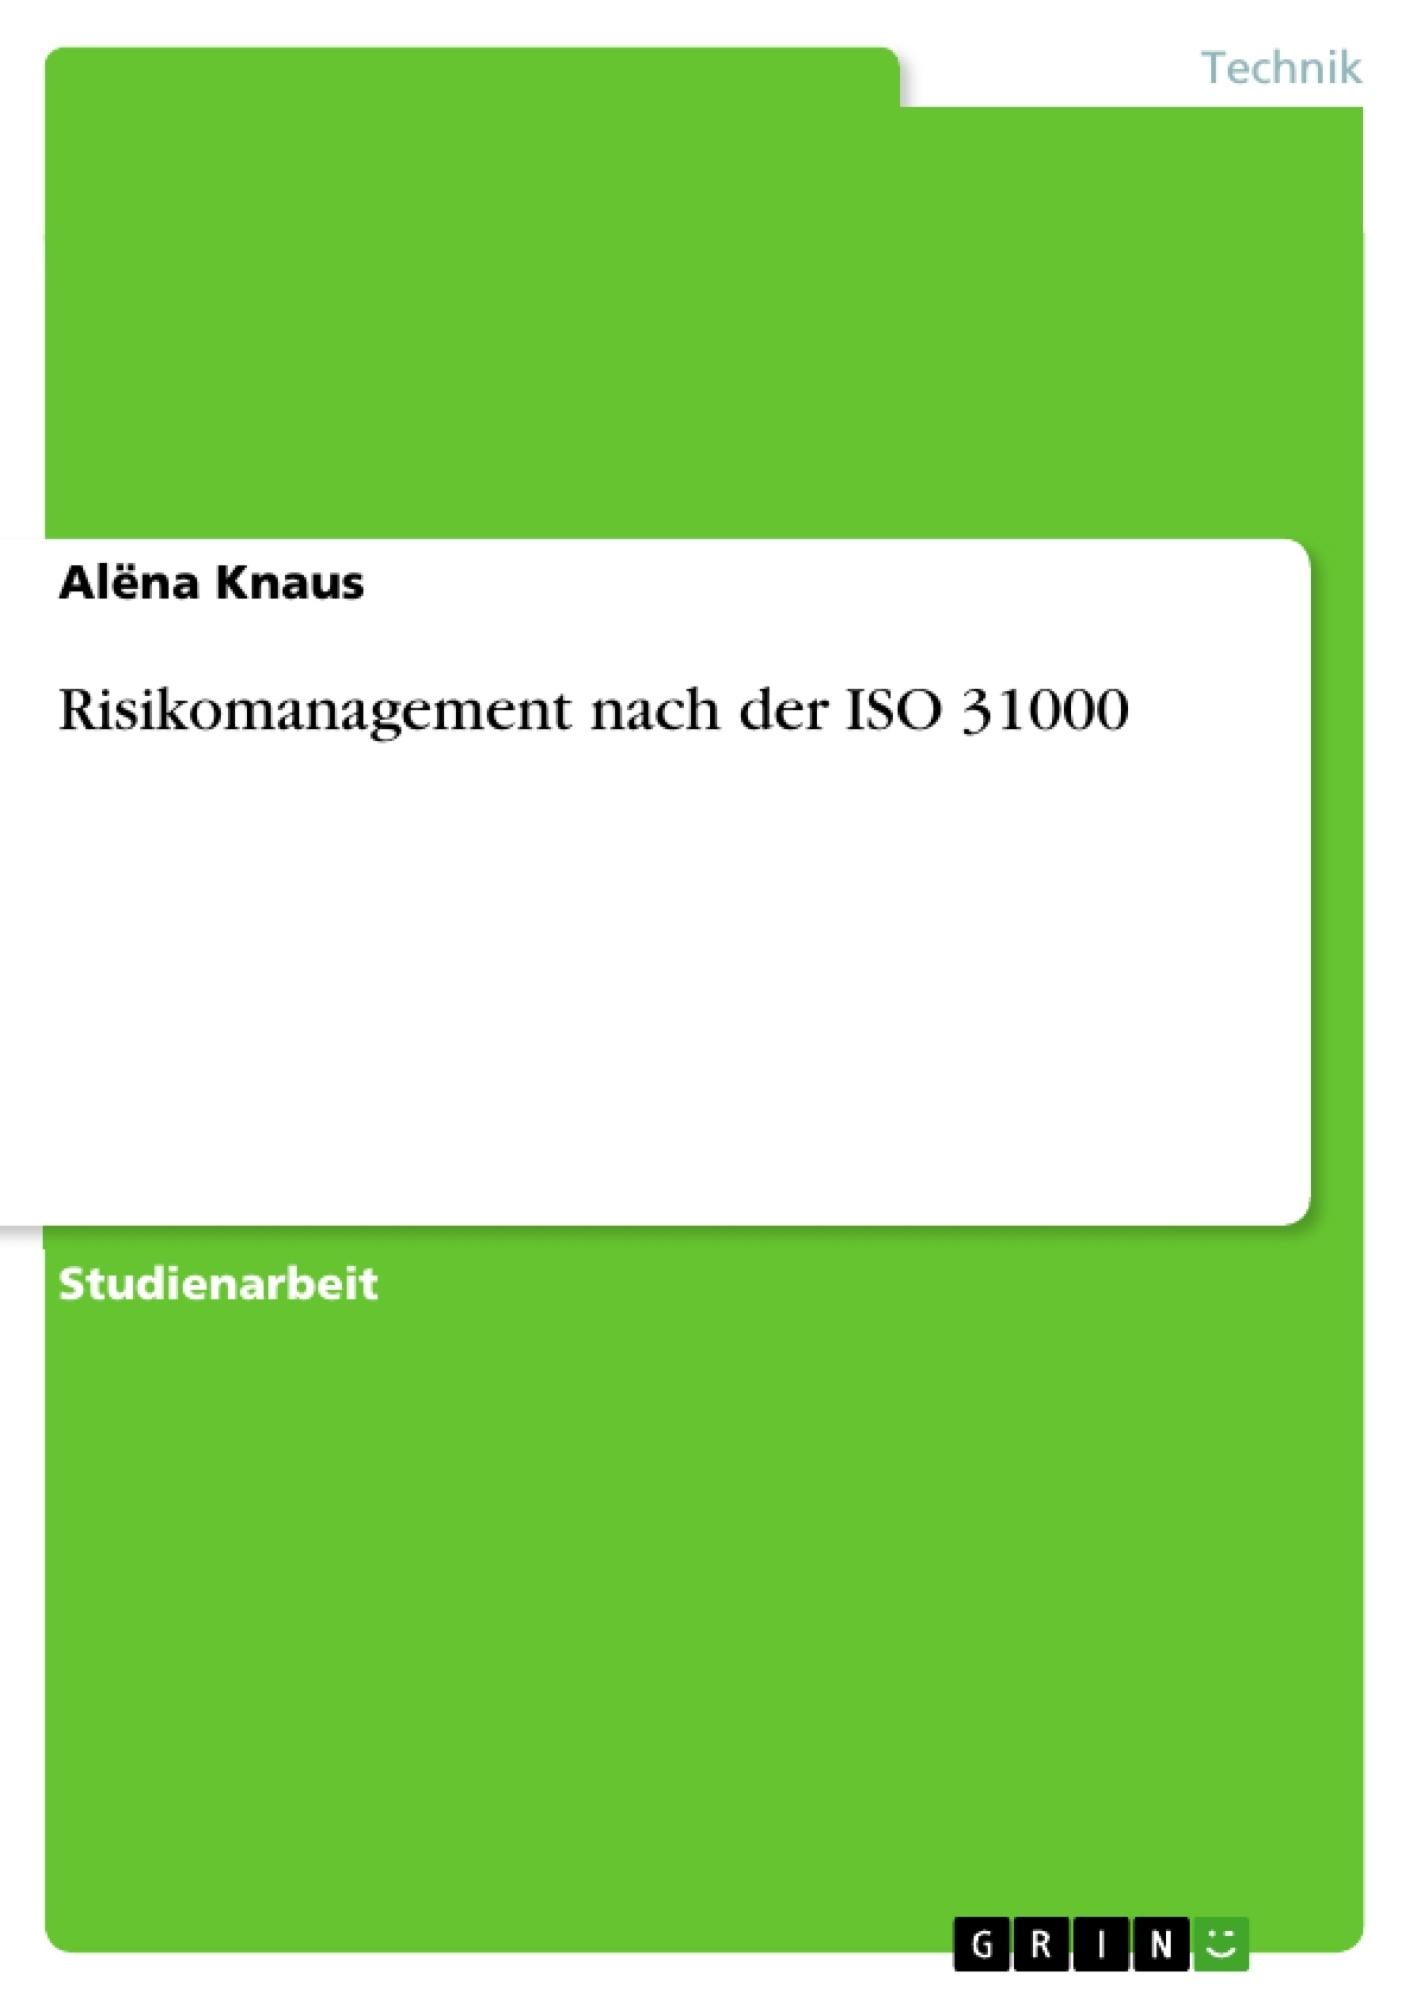 Titel: Risikomanagement nach der ISO 31000